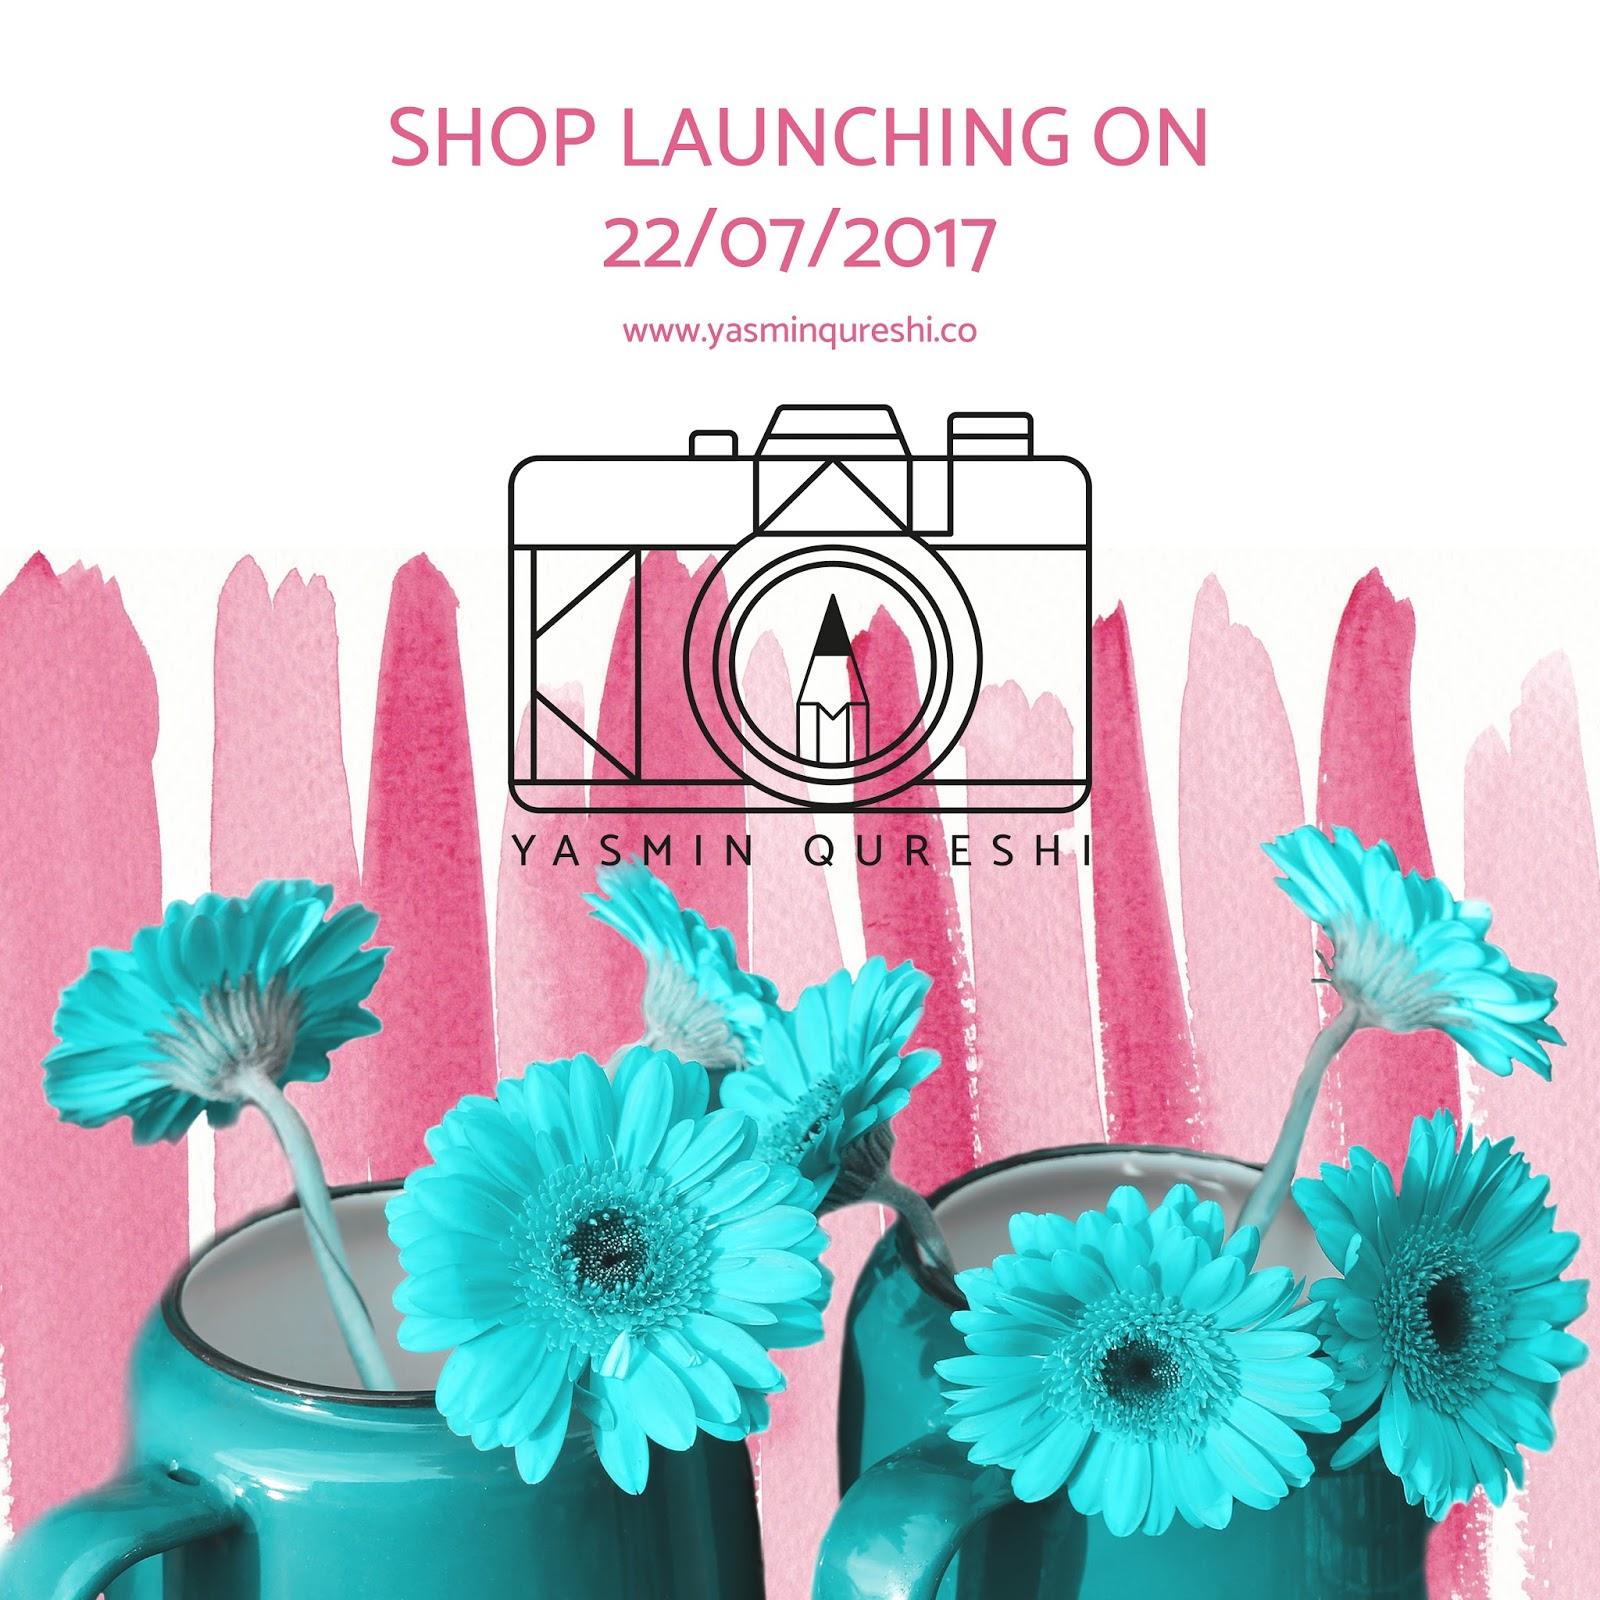 Yasmin Qureshi print shop launch